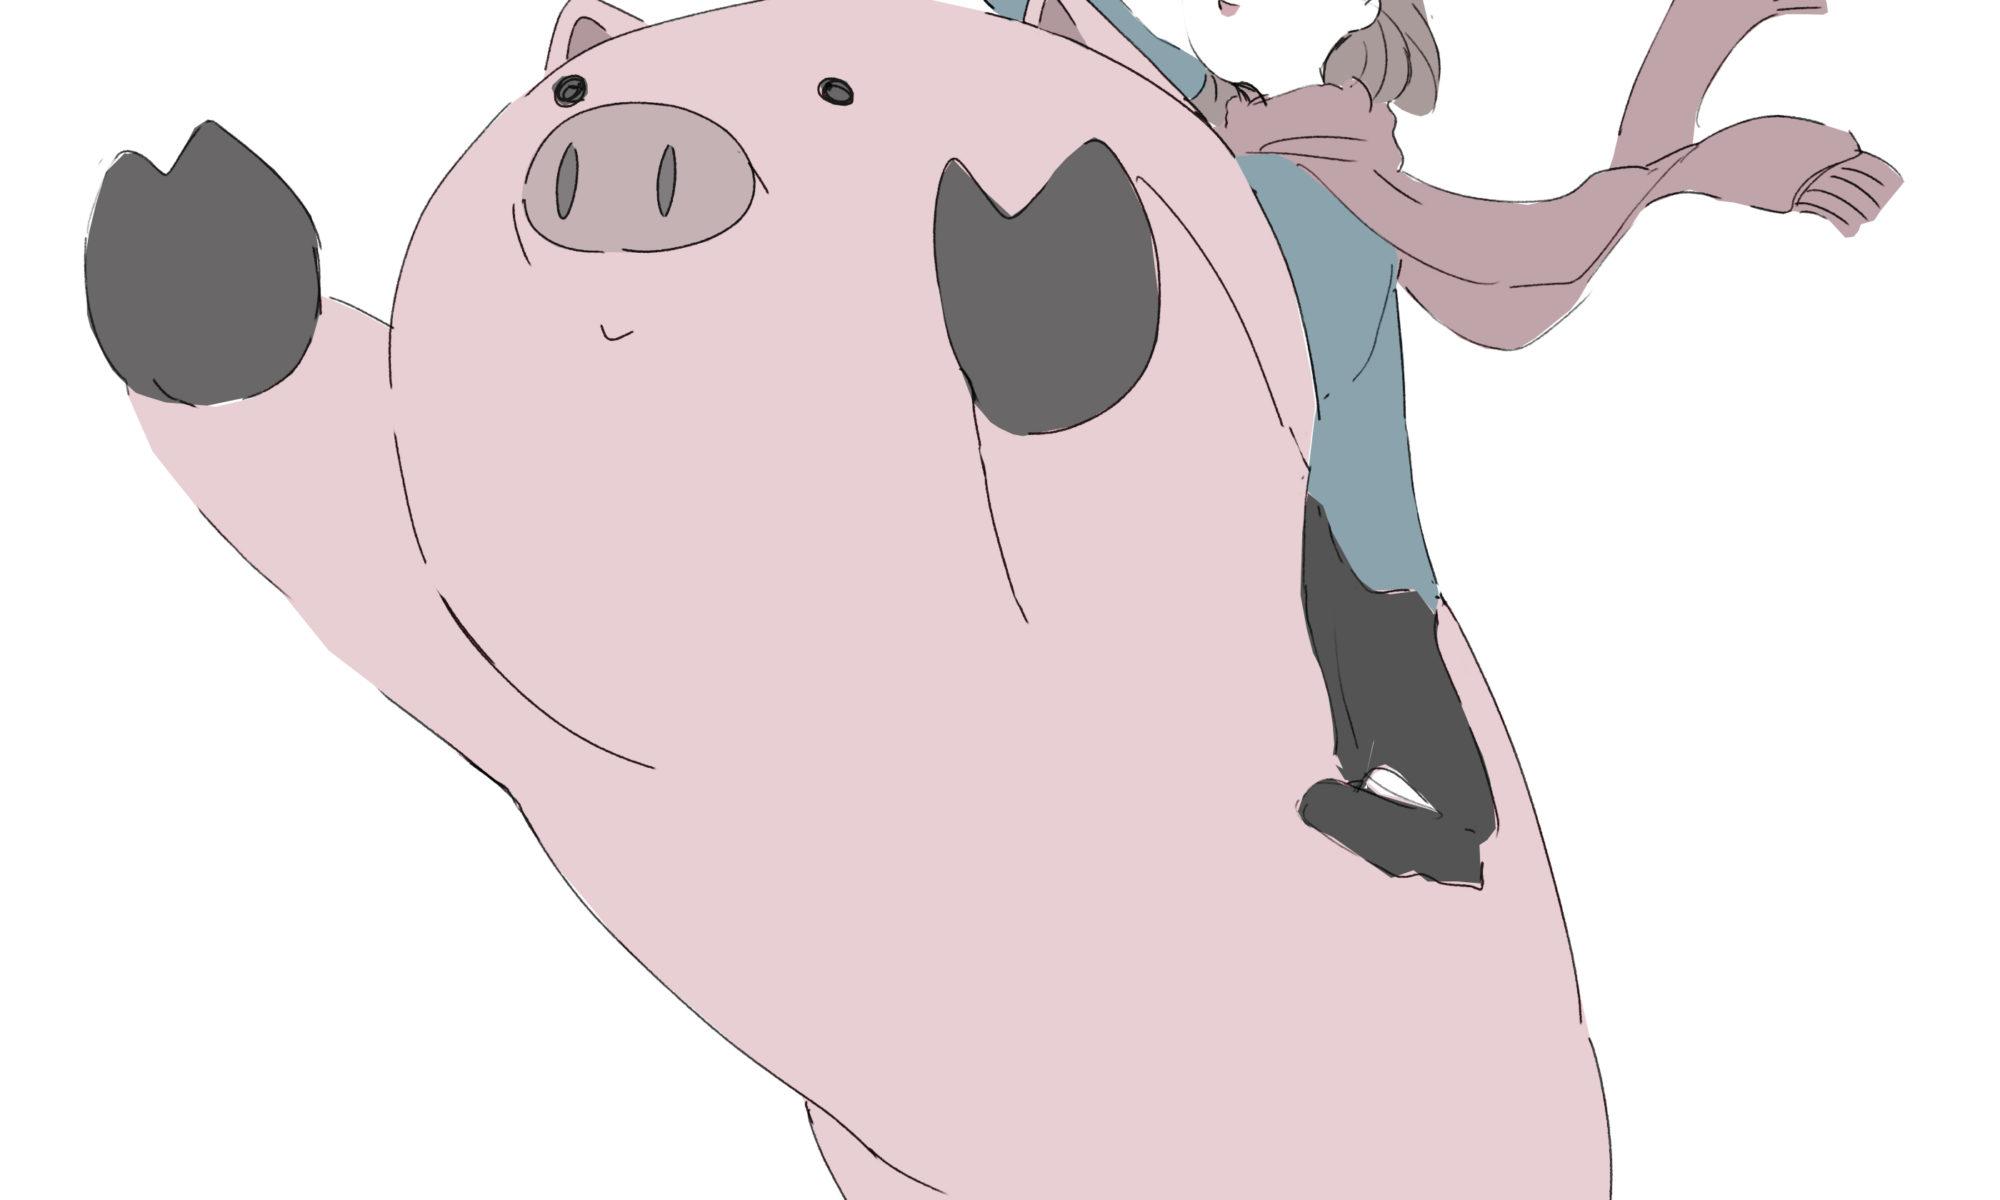 空を飛ぶブタと女の子のイラスト。